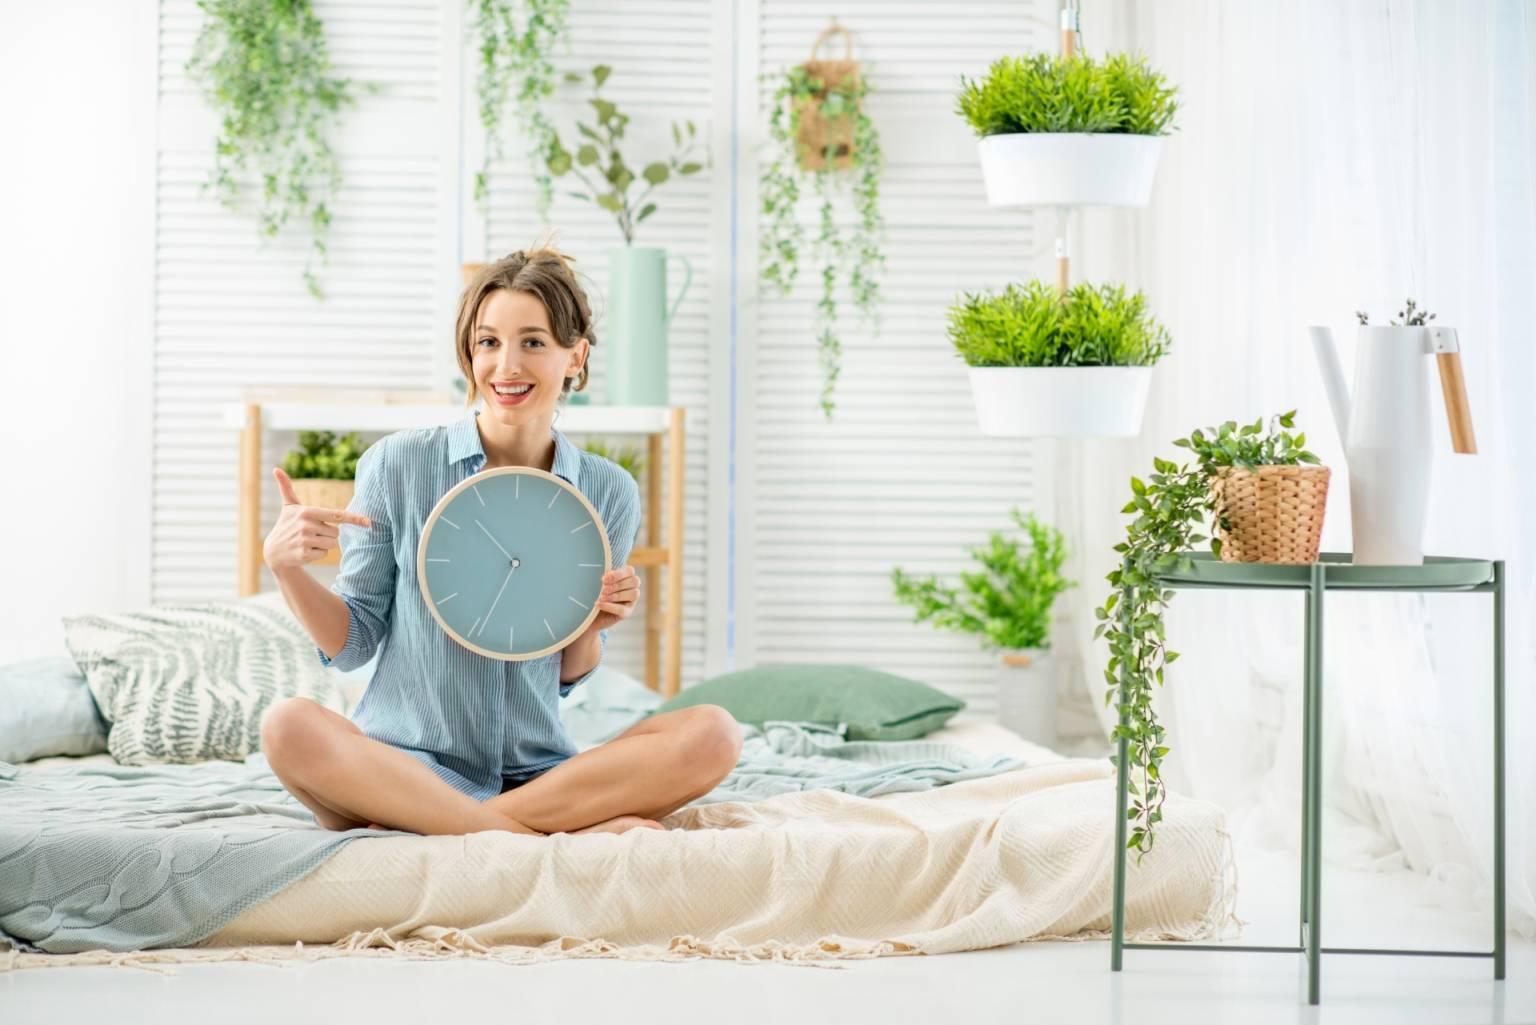 Chronobiologia - na czym polega życie we własnym rytmie? Czym są chronotypy i rytm dobowy? Kobieta siedzi na łóżku w sypialni, otoczona roślinami i trzyma w ręku zegar ścienny.